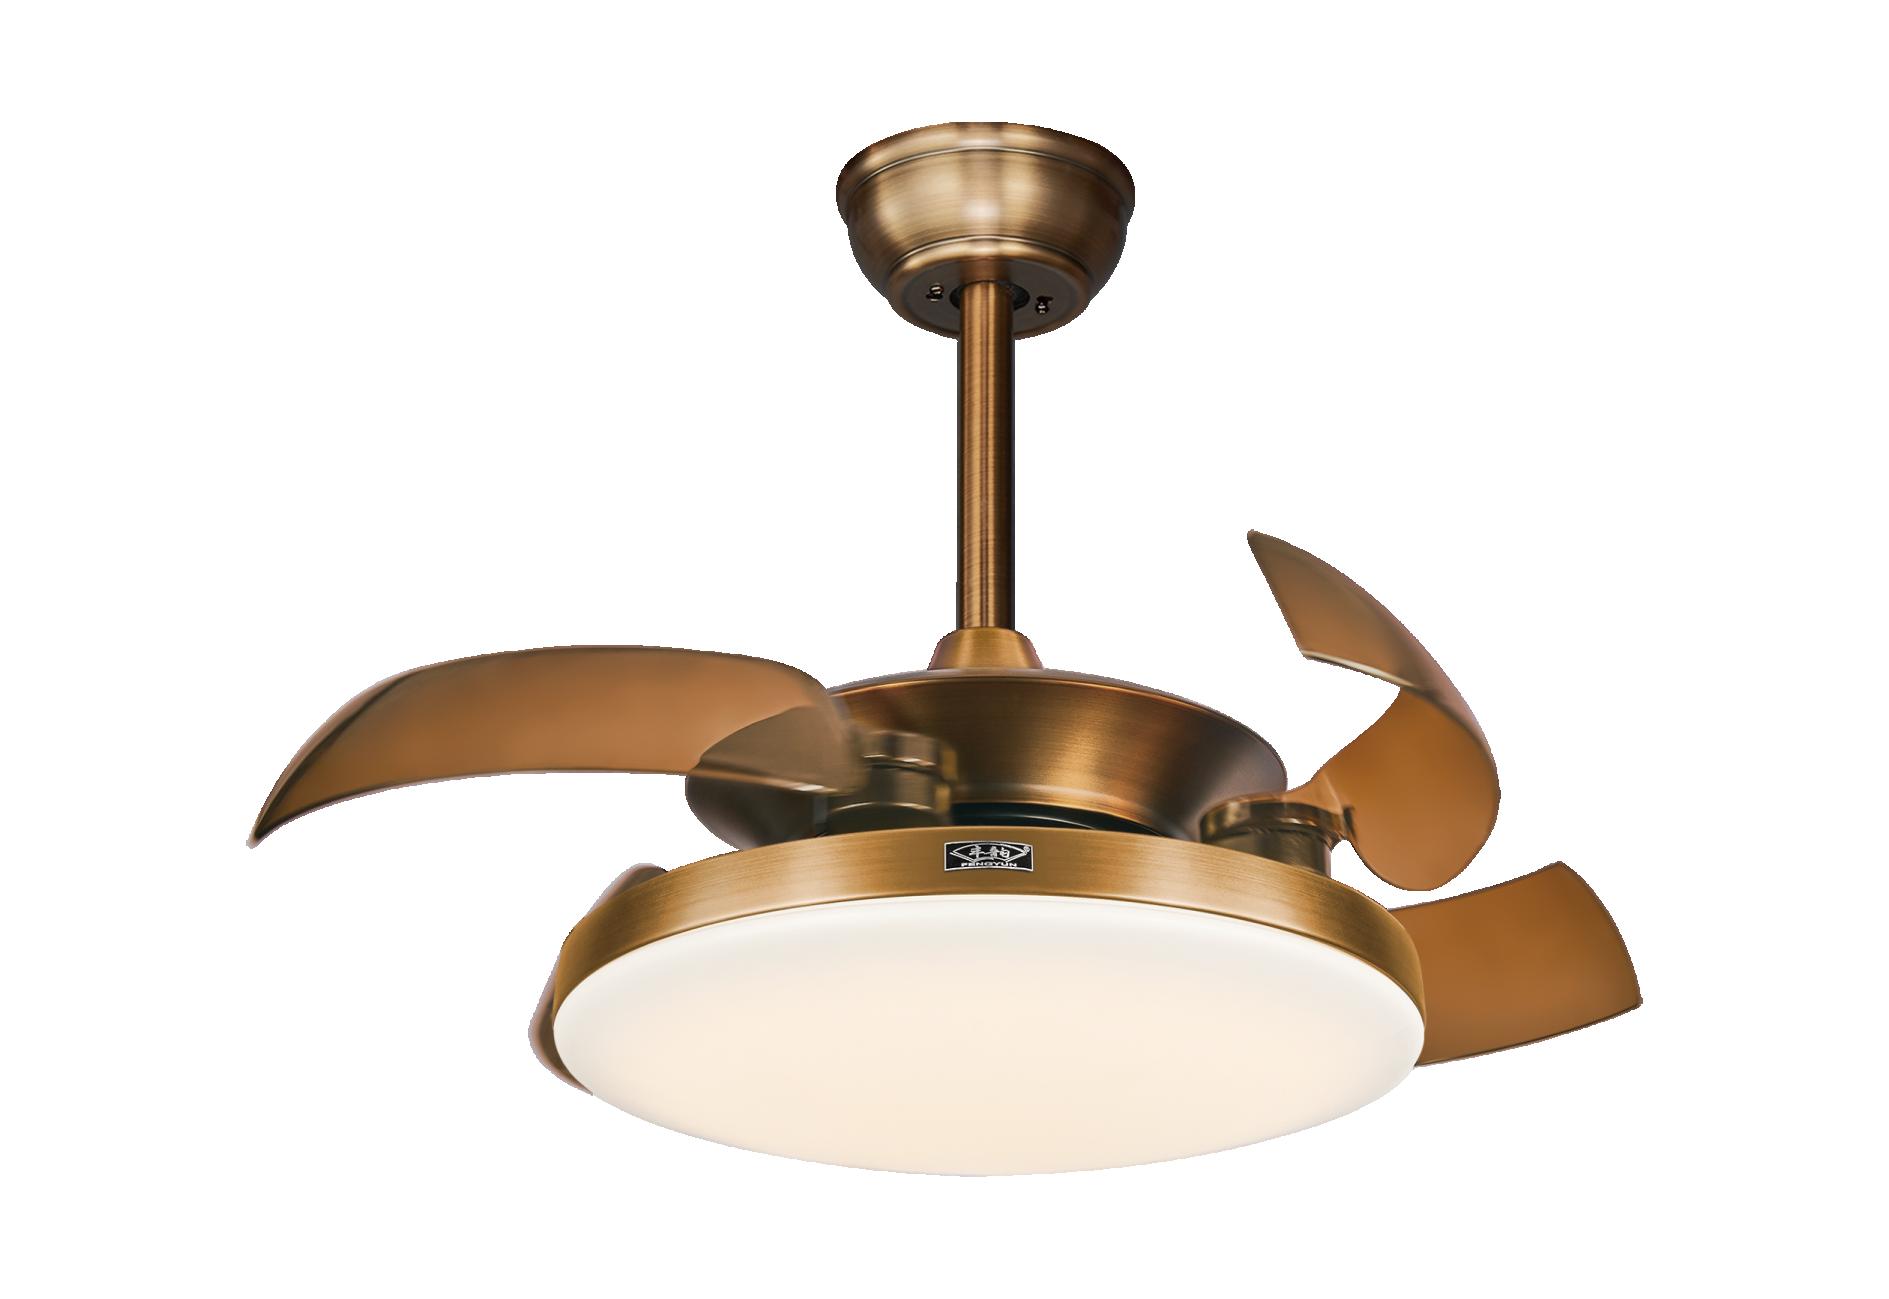 吊扇灯厂家分析吊扇灯有什么优势?